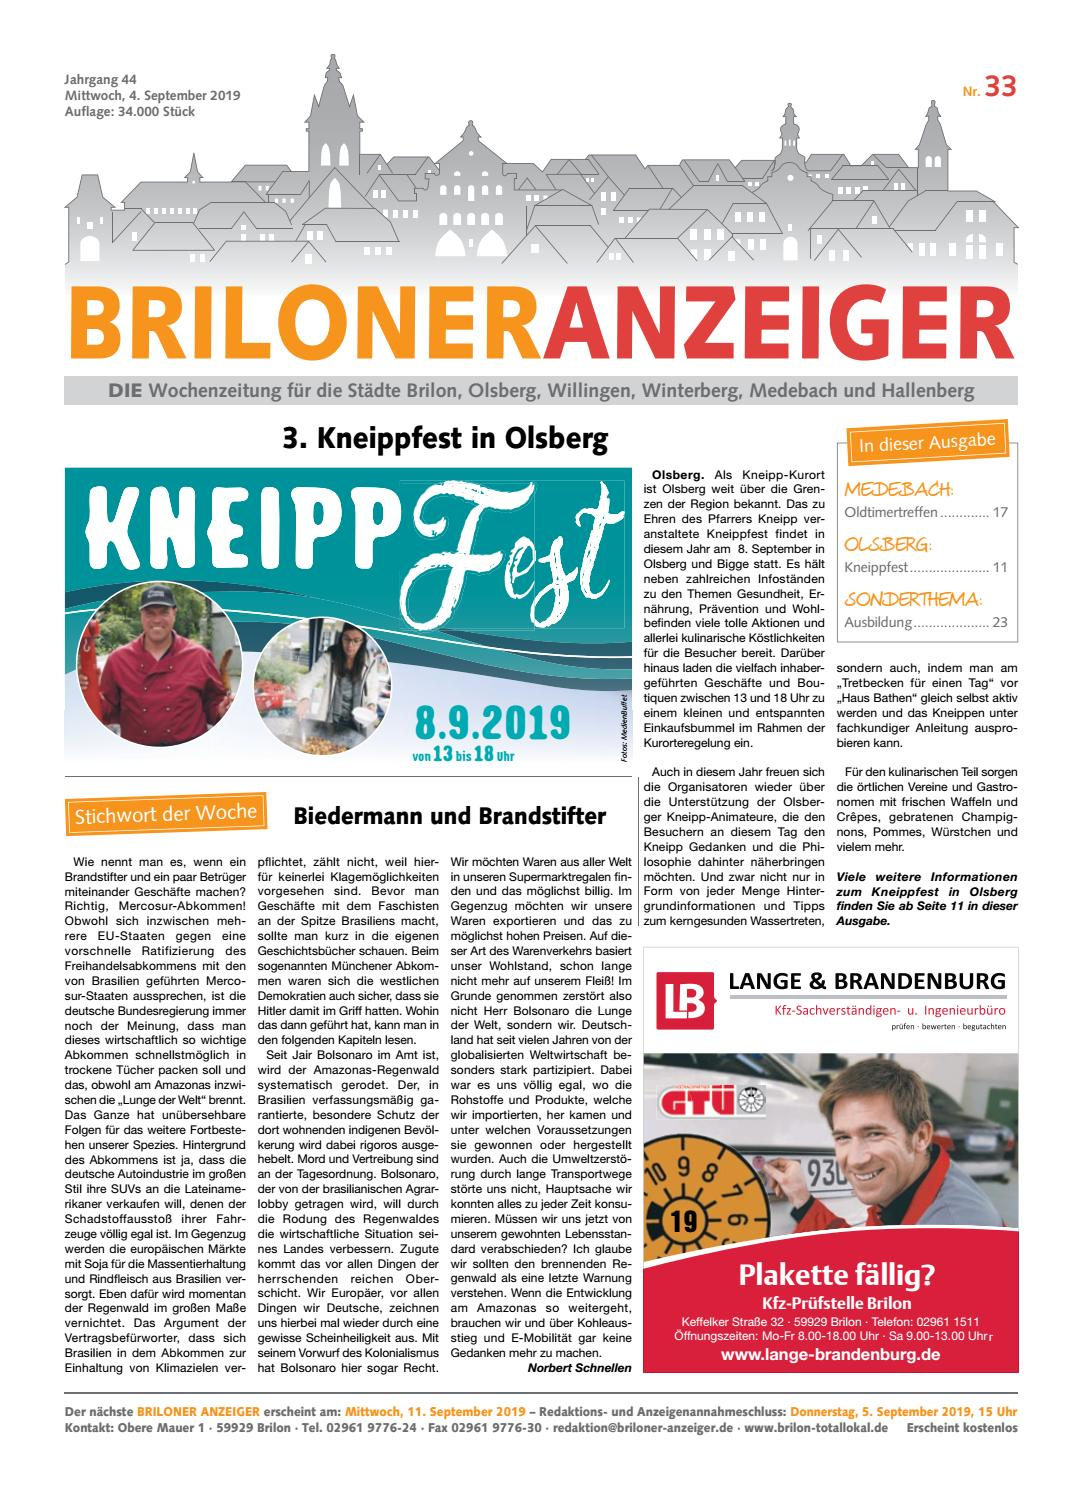 Briloner Anzeiger Ausgabe Vom 04 09 2019 Nr 33 By Brilon